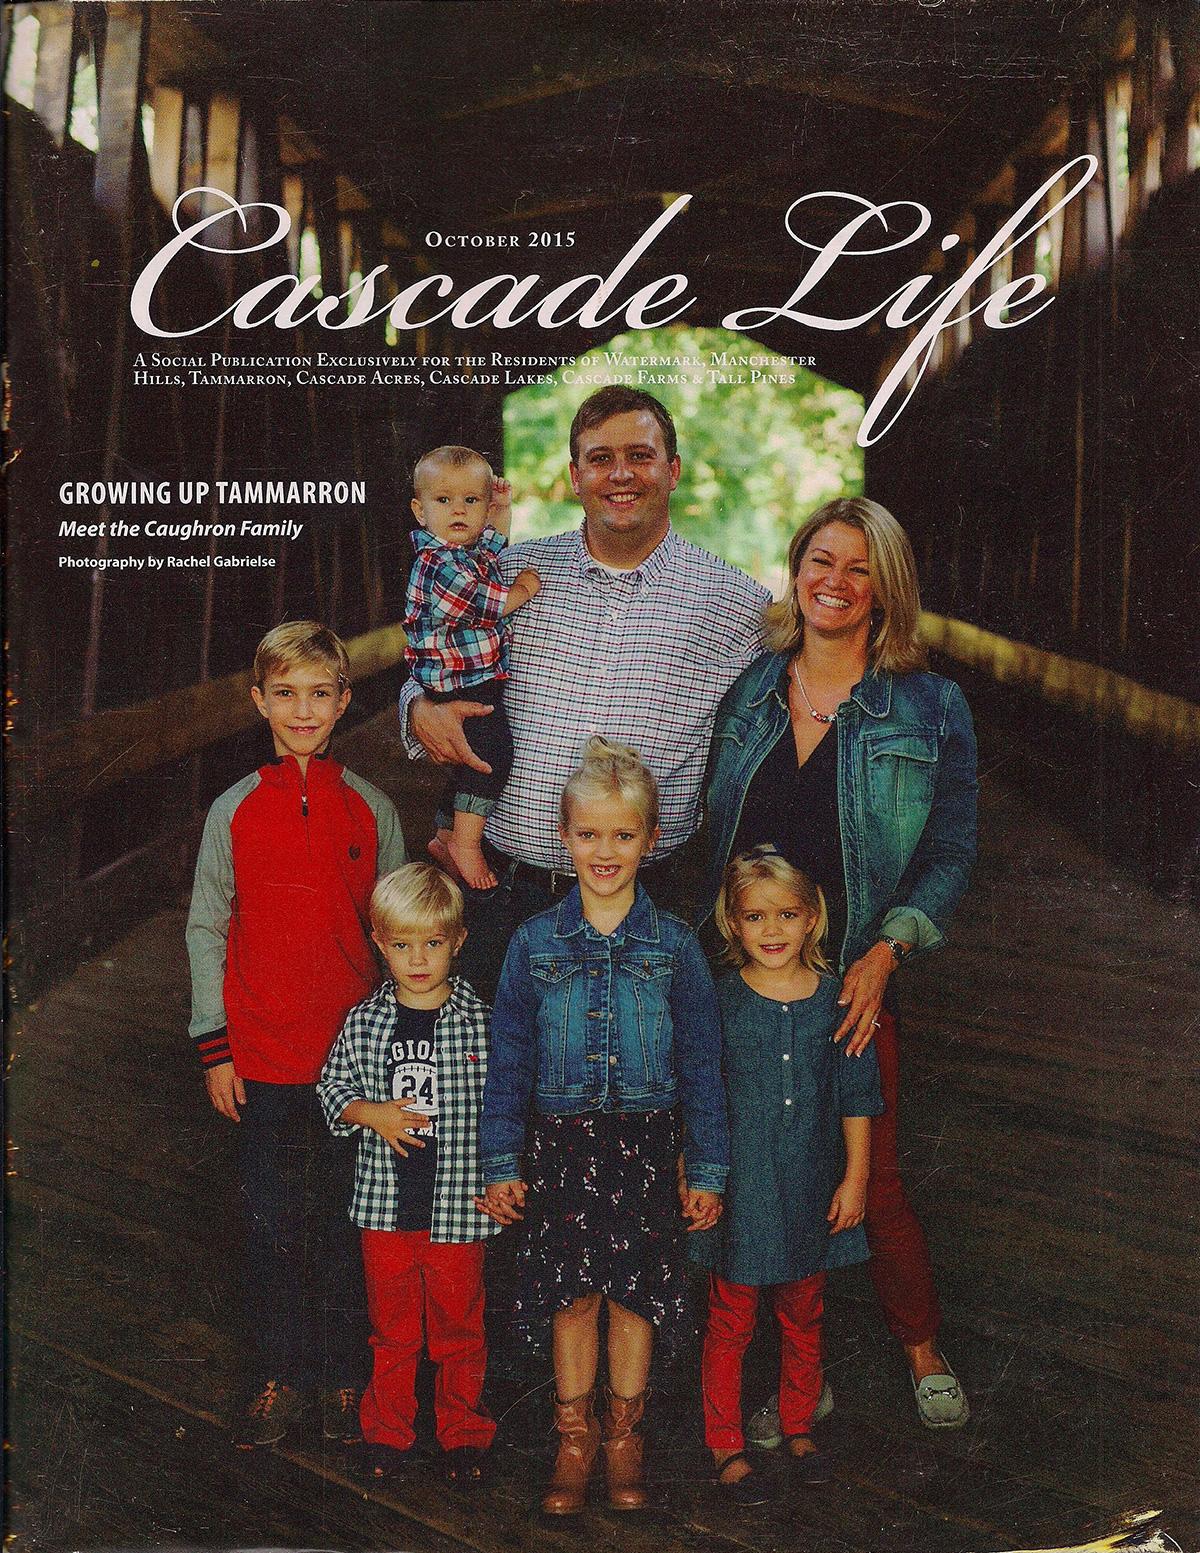 Oct2015-CascadeLife-cover.jpg